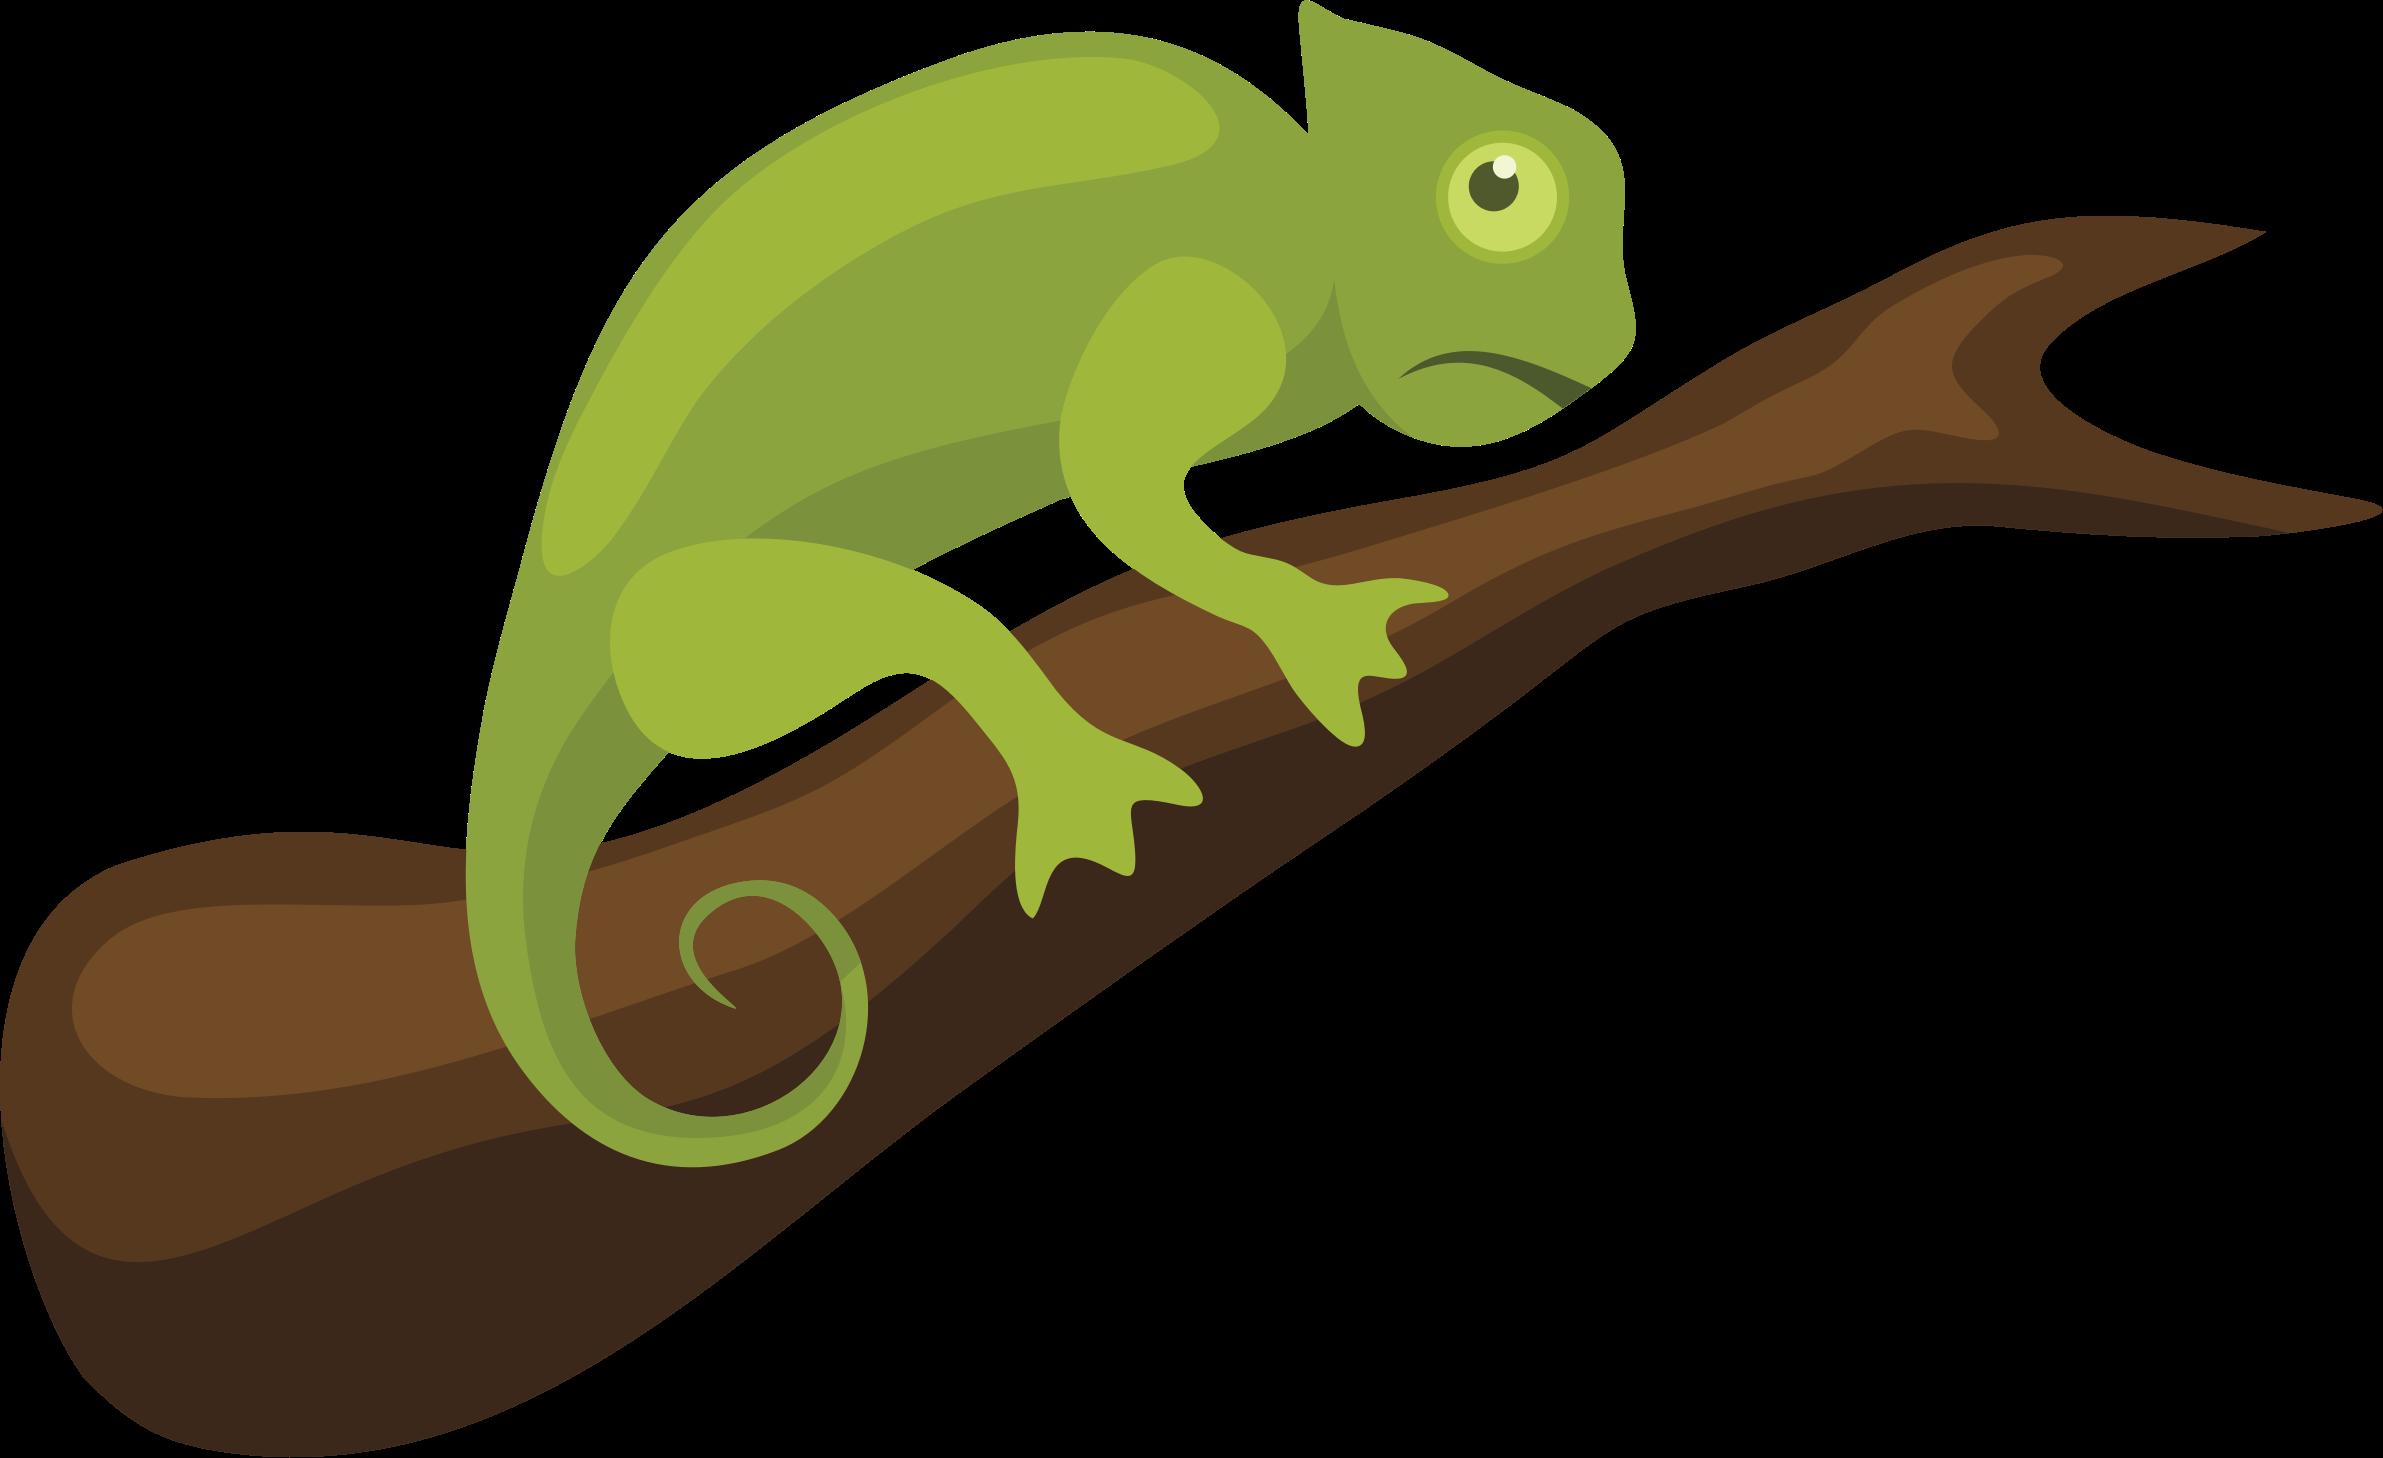 clipart chameleon rh openclipart org veiled chameleon clipart red chameleon clipart